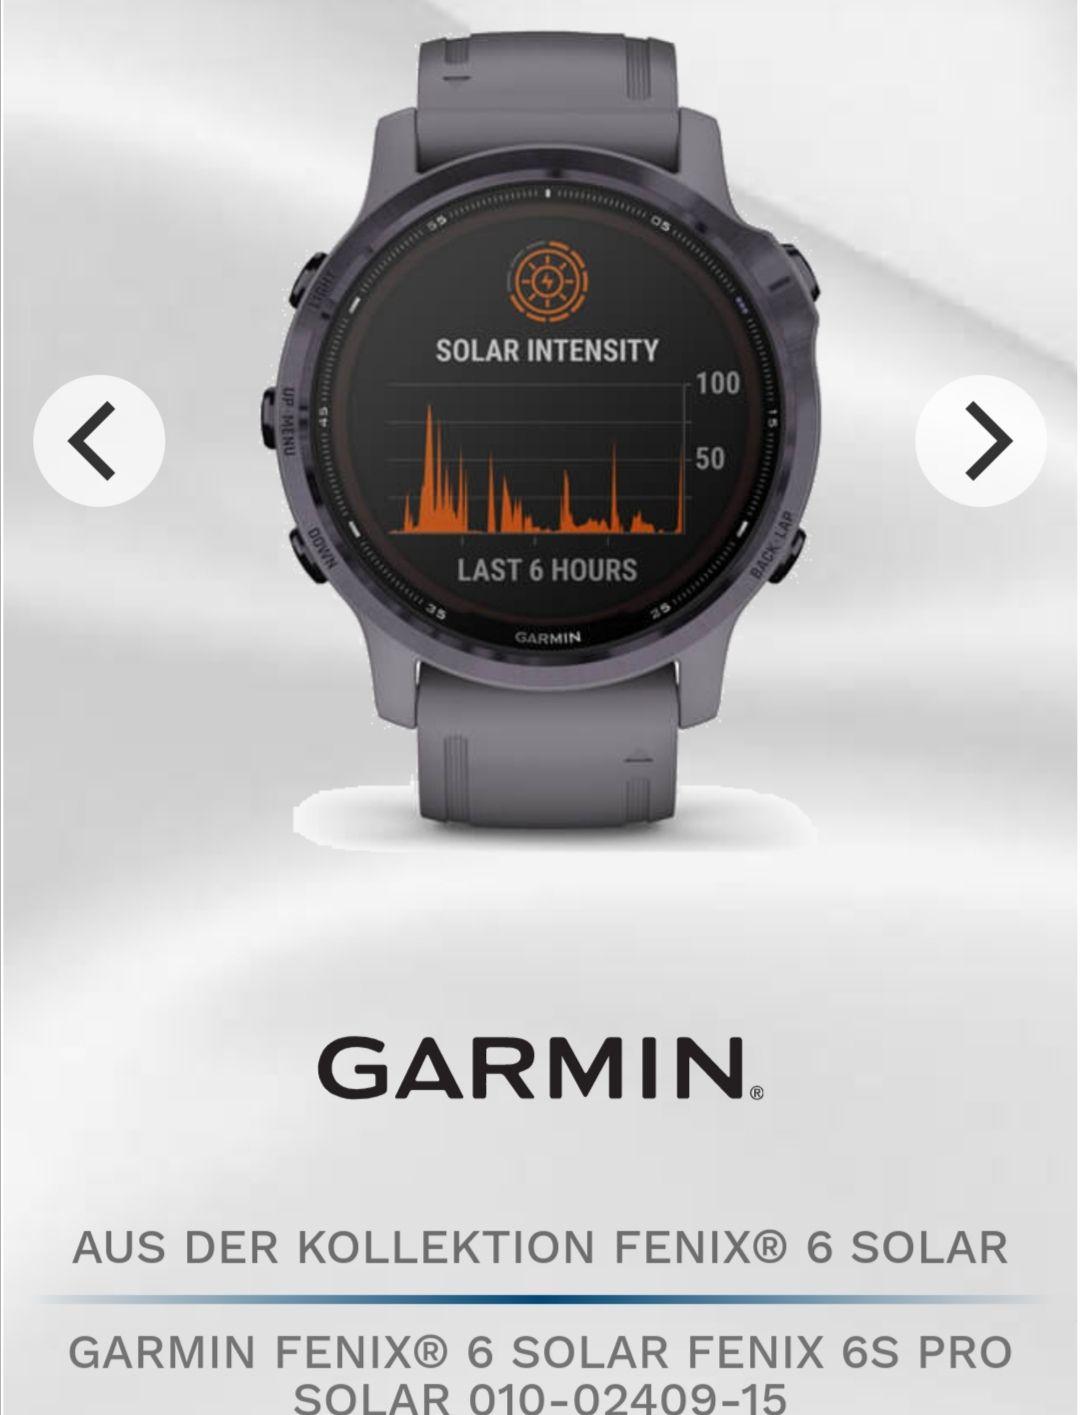 Garmin Fenix 6s Pro Solar auch in anderen Farben erhältlich.